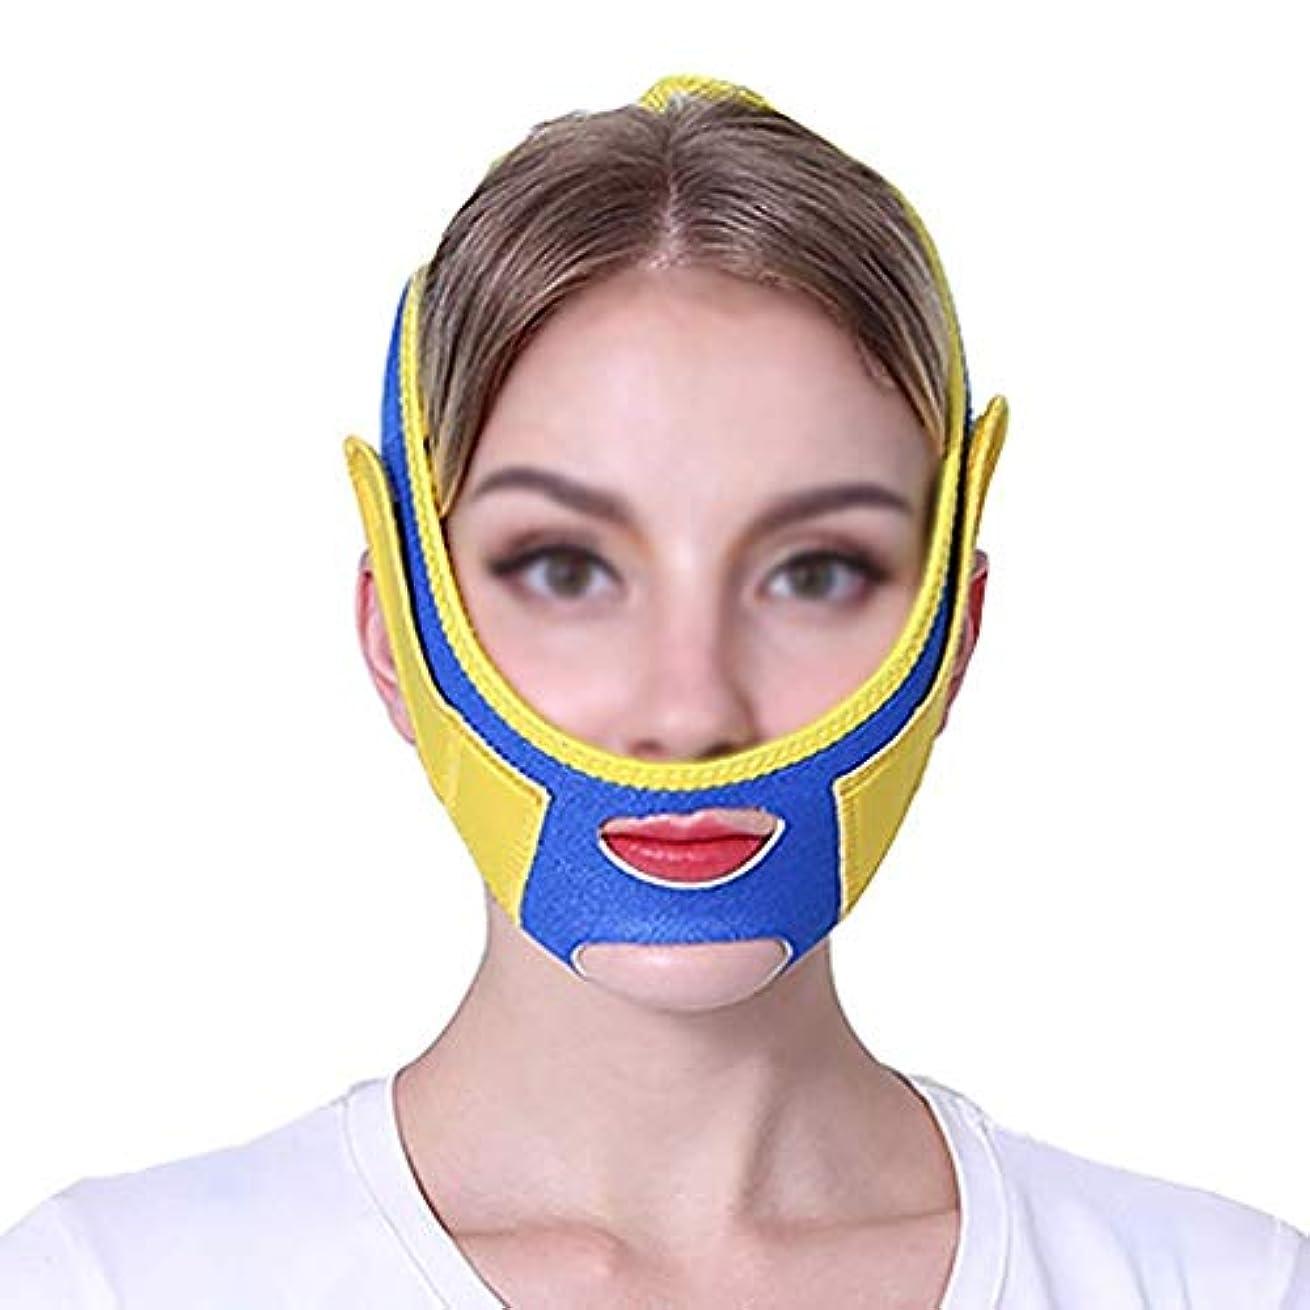 承知しましたに対応あまりにもファーミングフェイスマスク、スモールVフェイスアーティファクトリフティングマスクフェイスリフティングフェイスメロンフェイスリフティングフェイスマスクファーミングクリームフェイスリフティングバンデージ